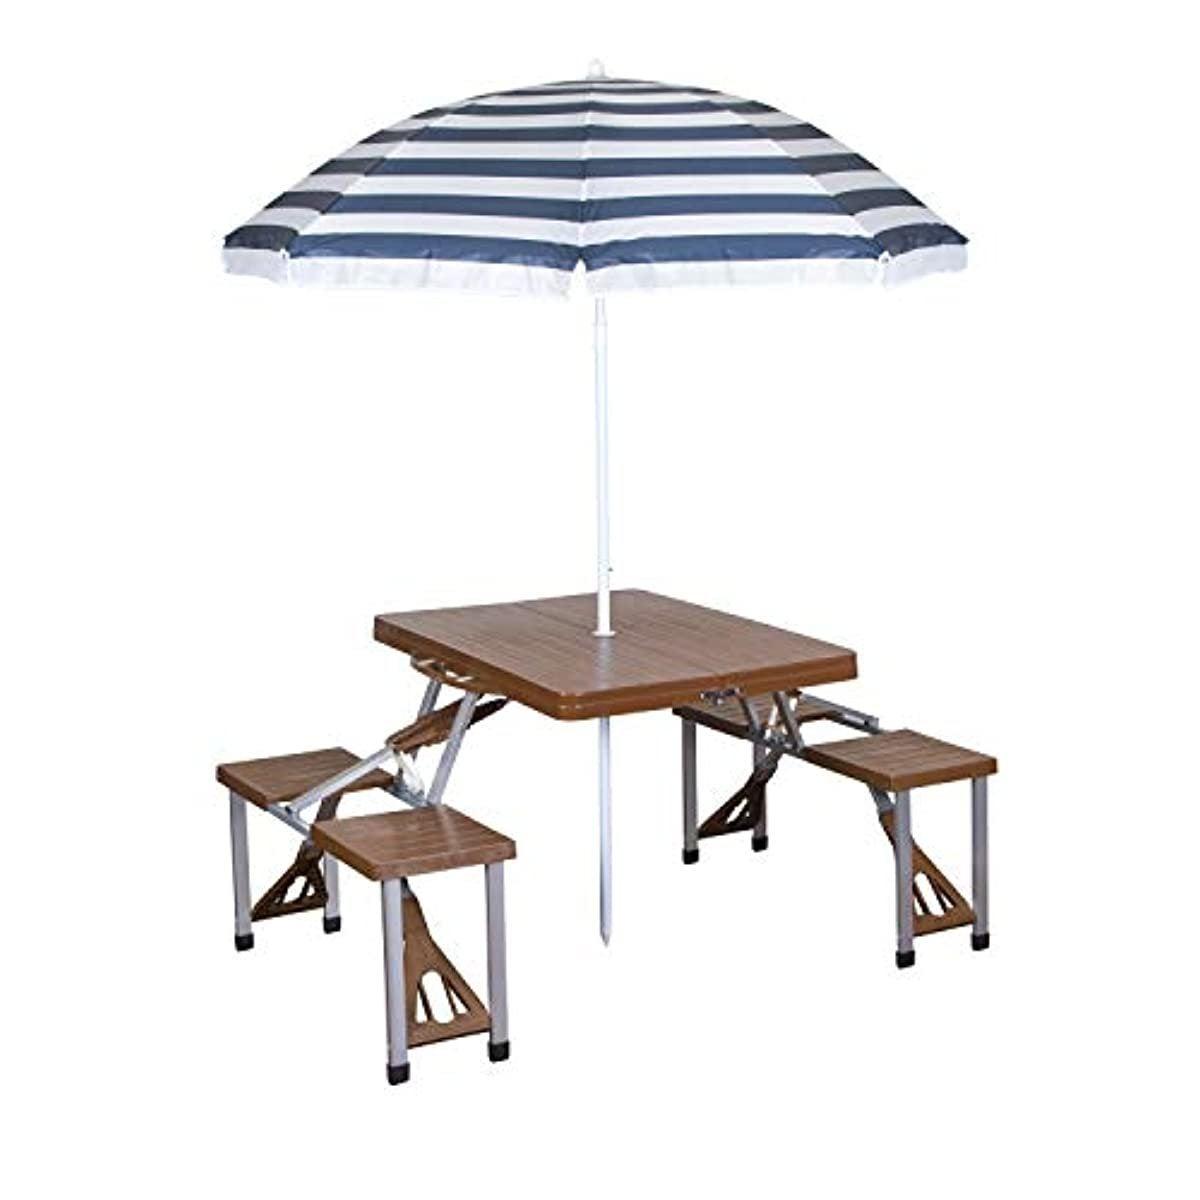 Picnic Table and Umbrella Comb